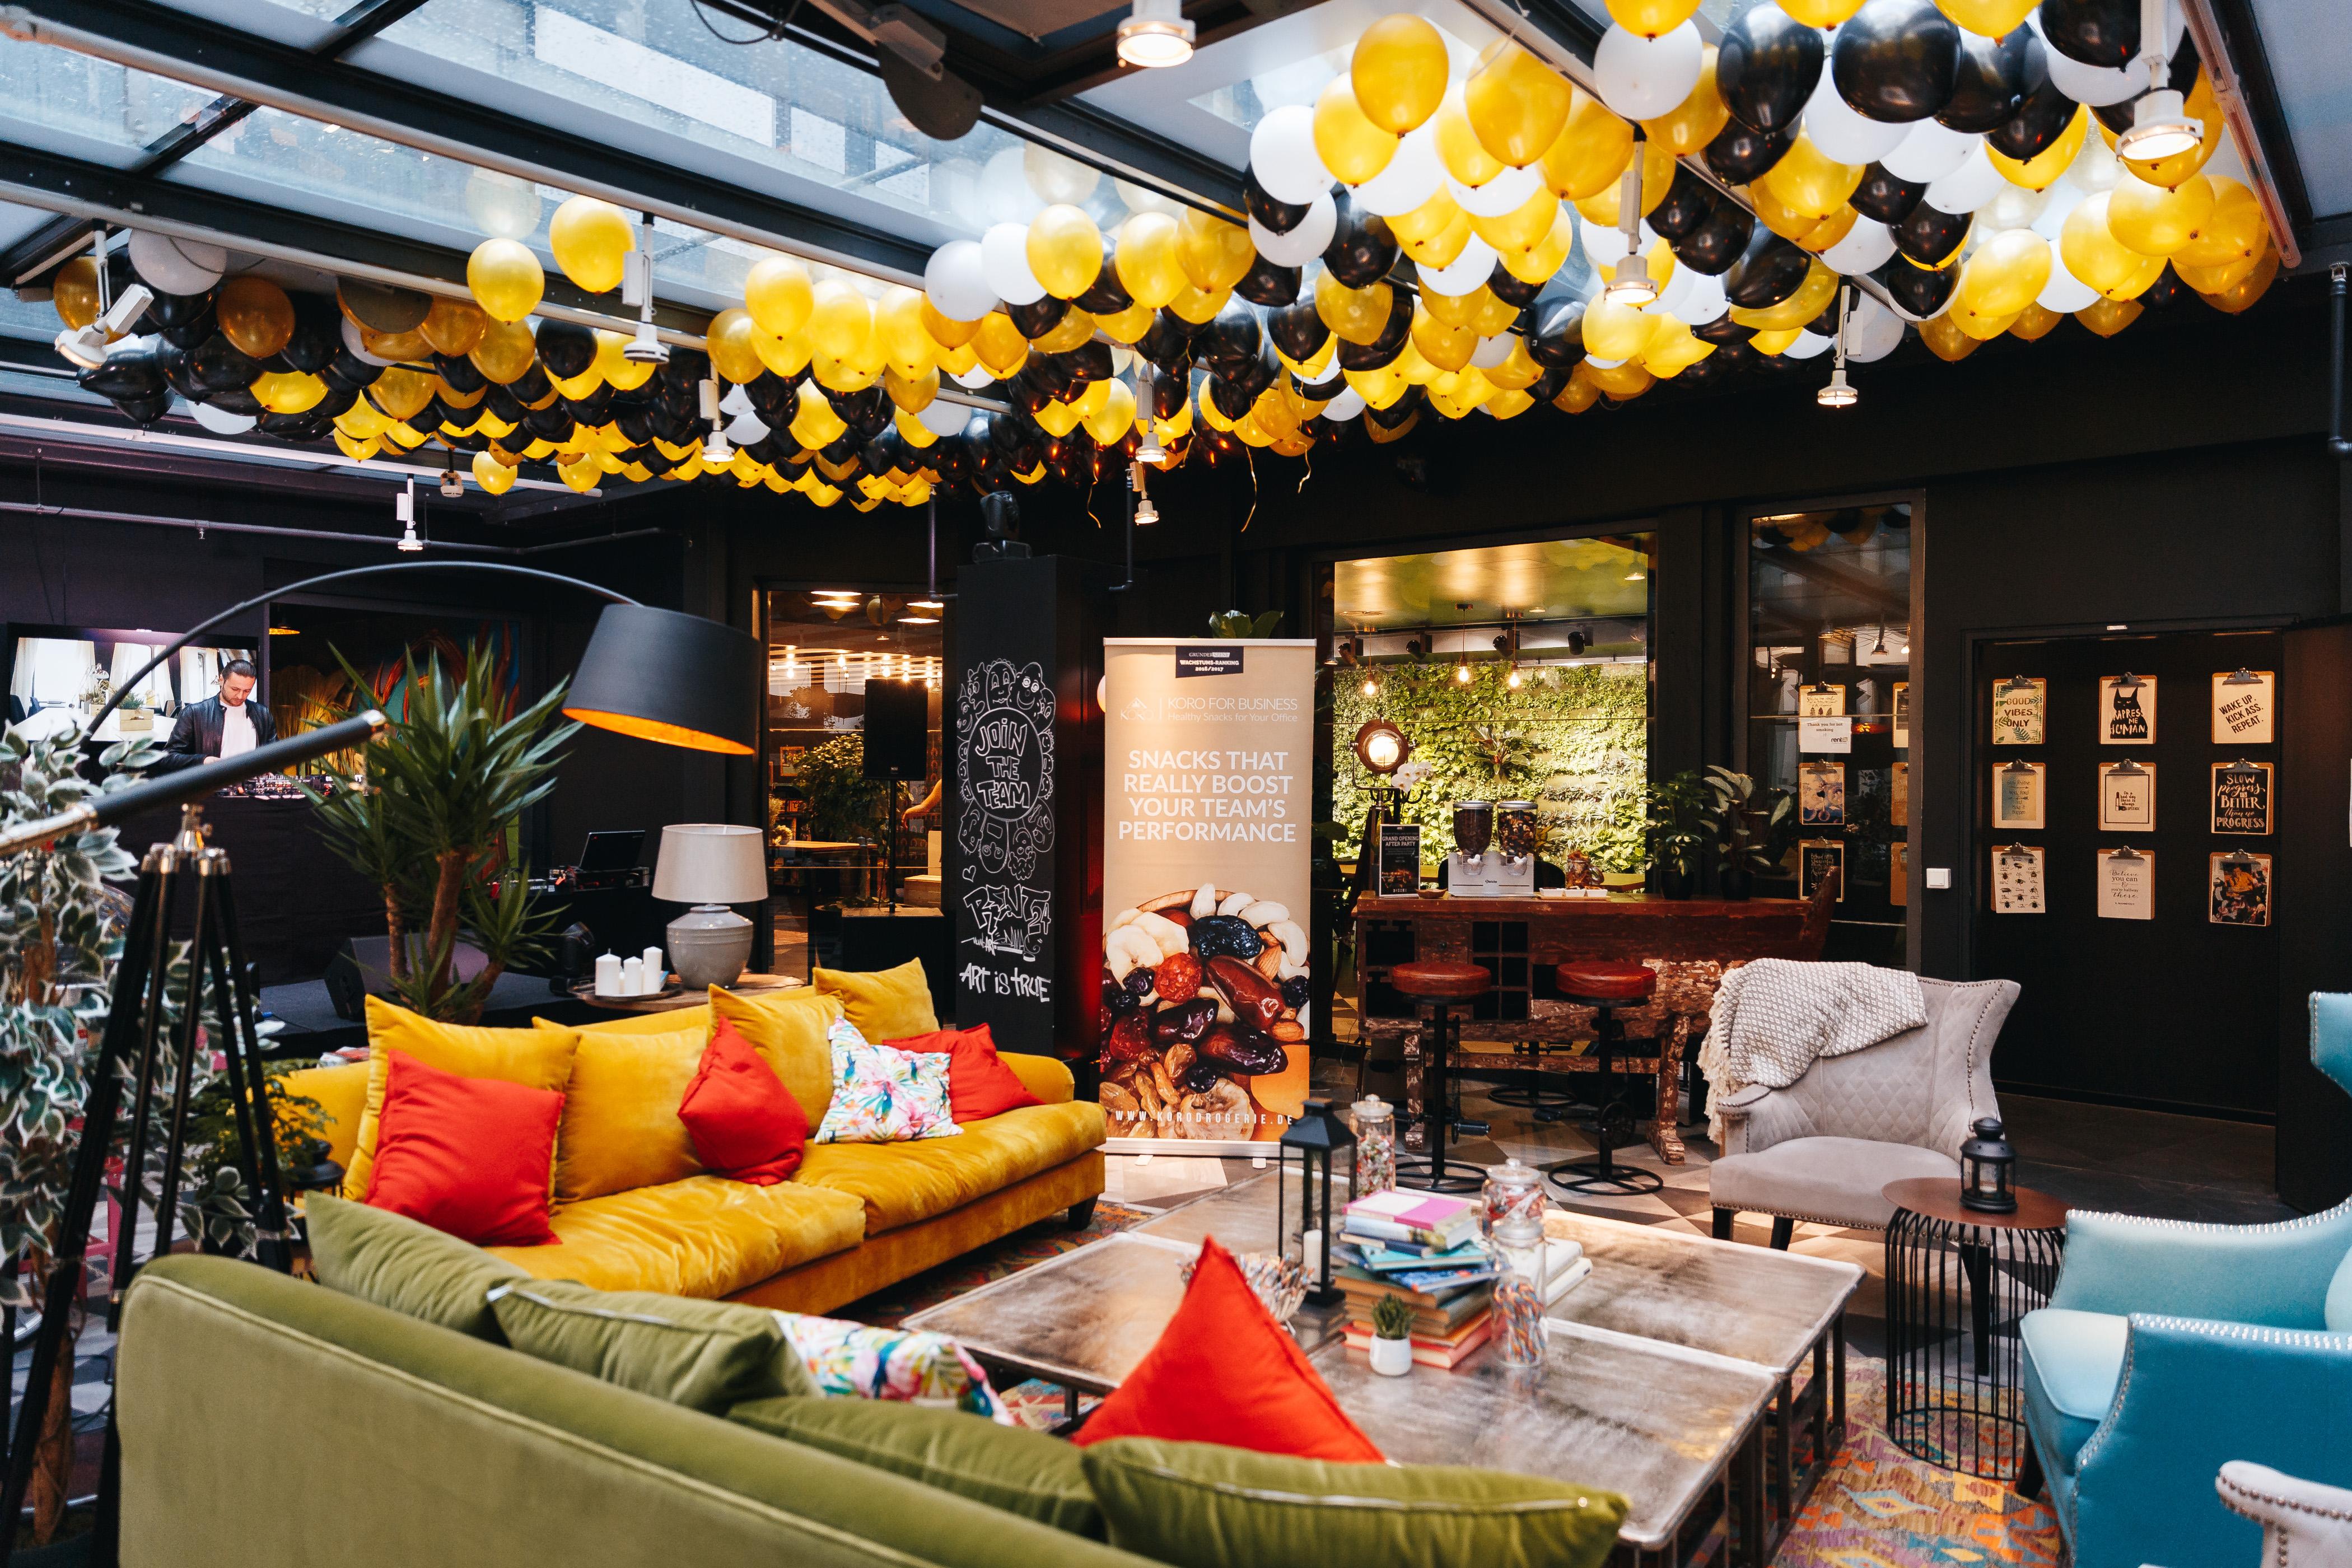 Fette Grand Opening Party von rent24 zur Eröffnung eines neuen Coworking Space! 🎉 🎊